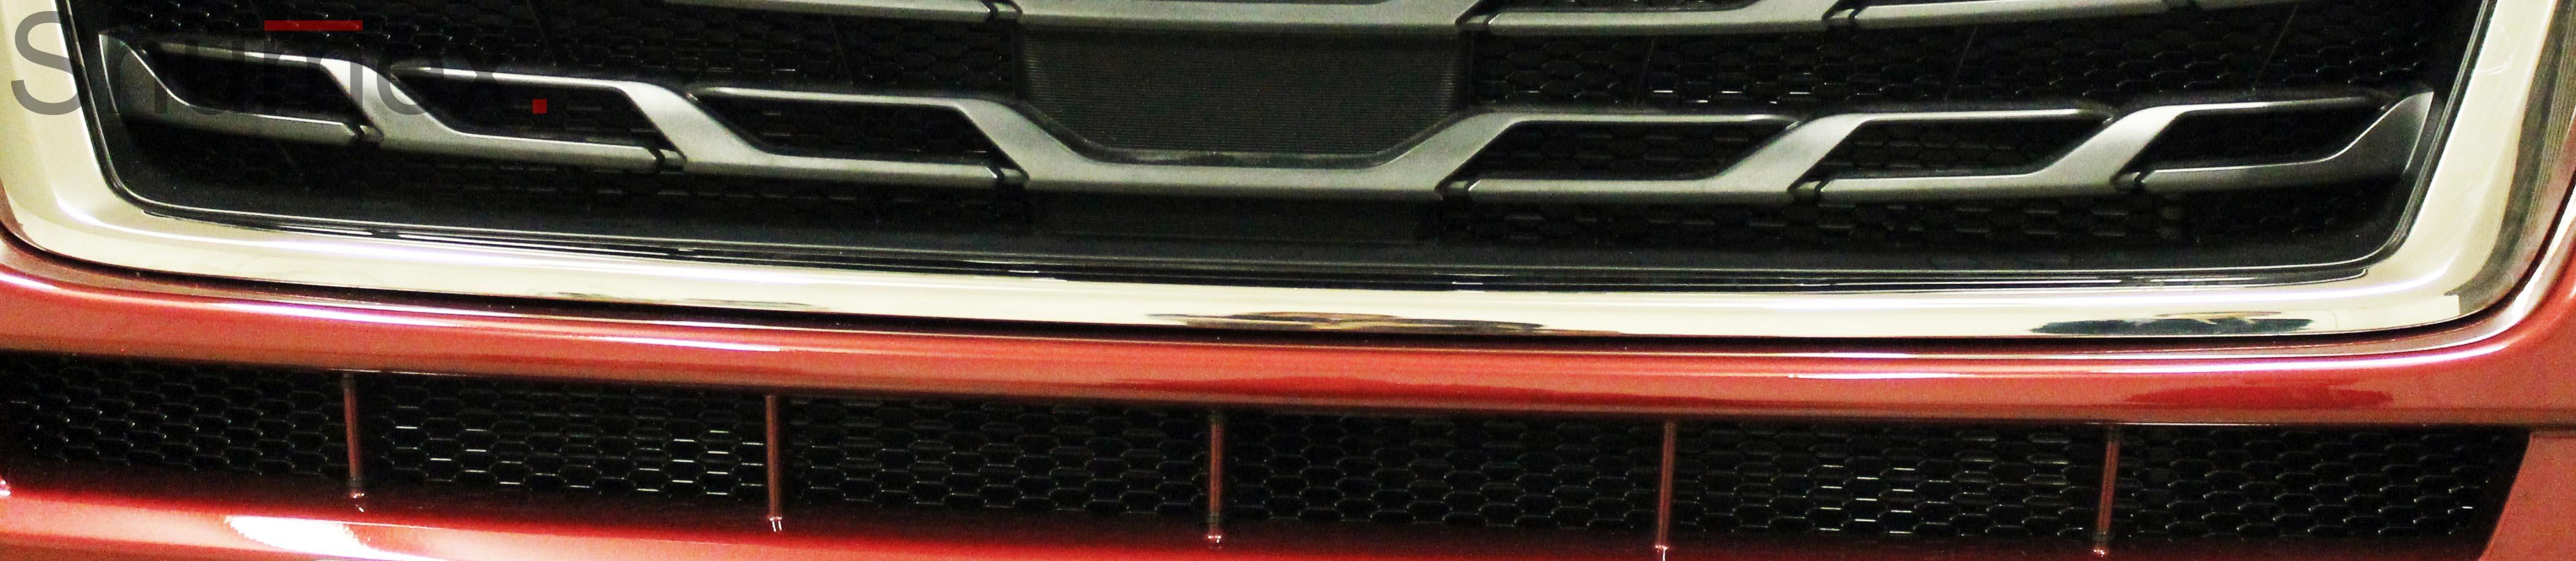 Установка сетки в бампер Subaru Forester